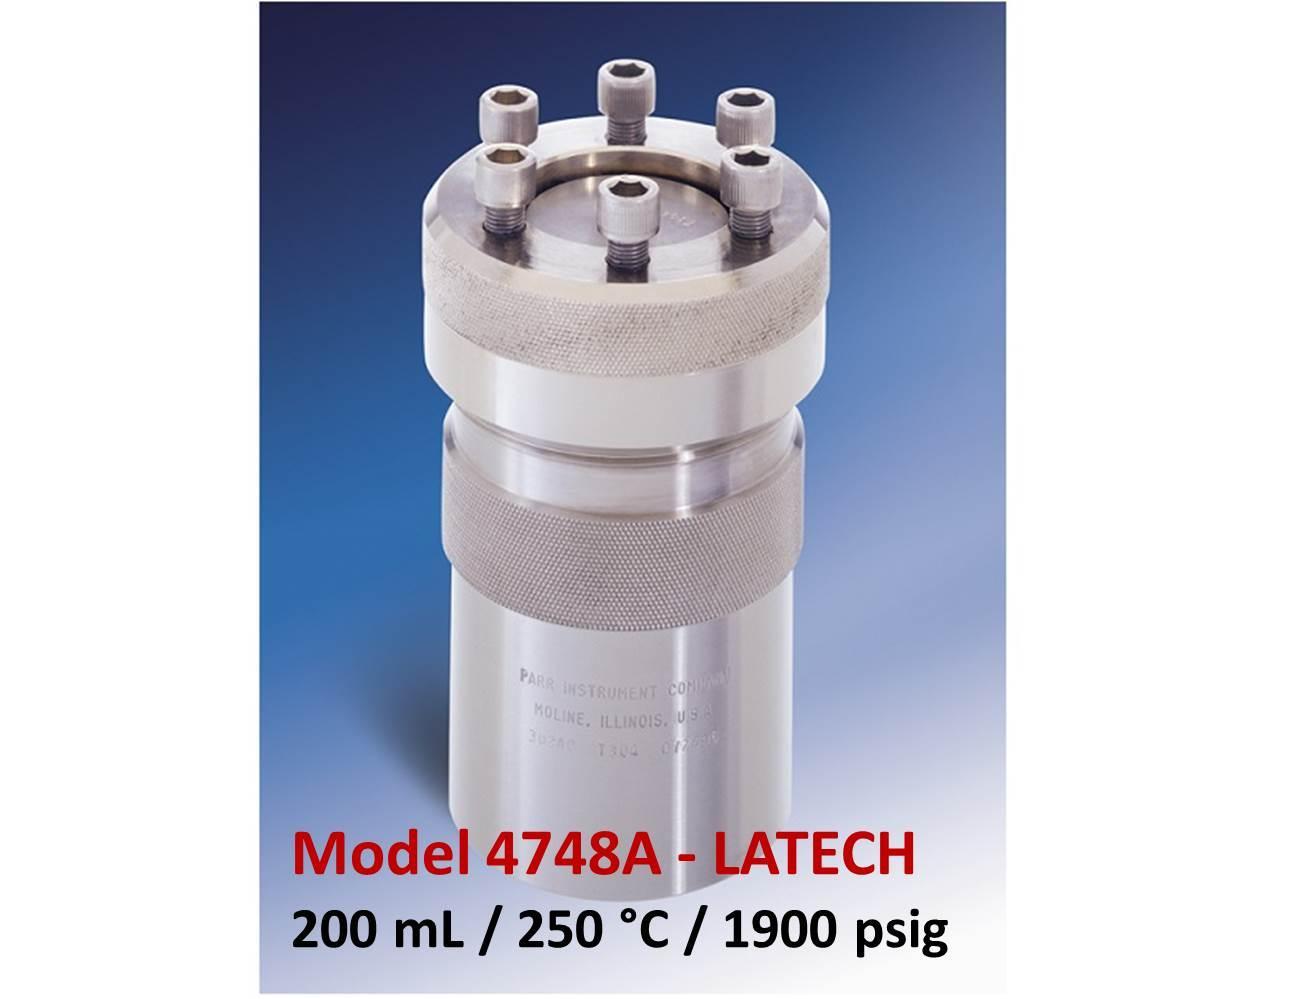 Parr 4748A - 200 mL